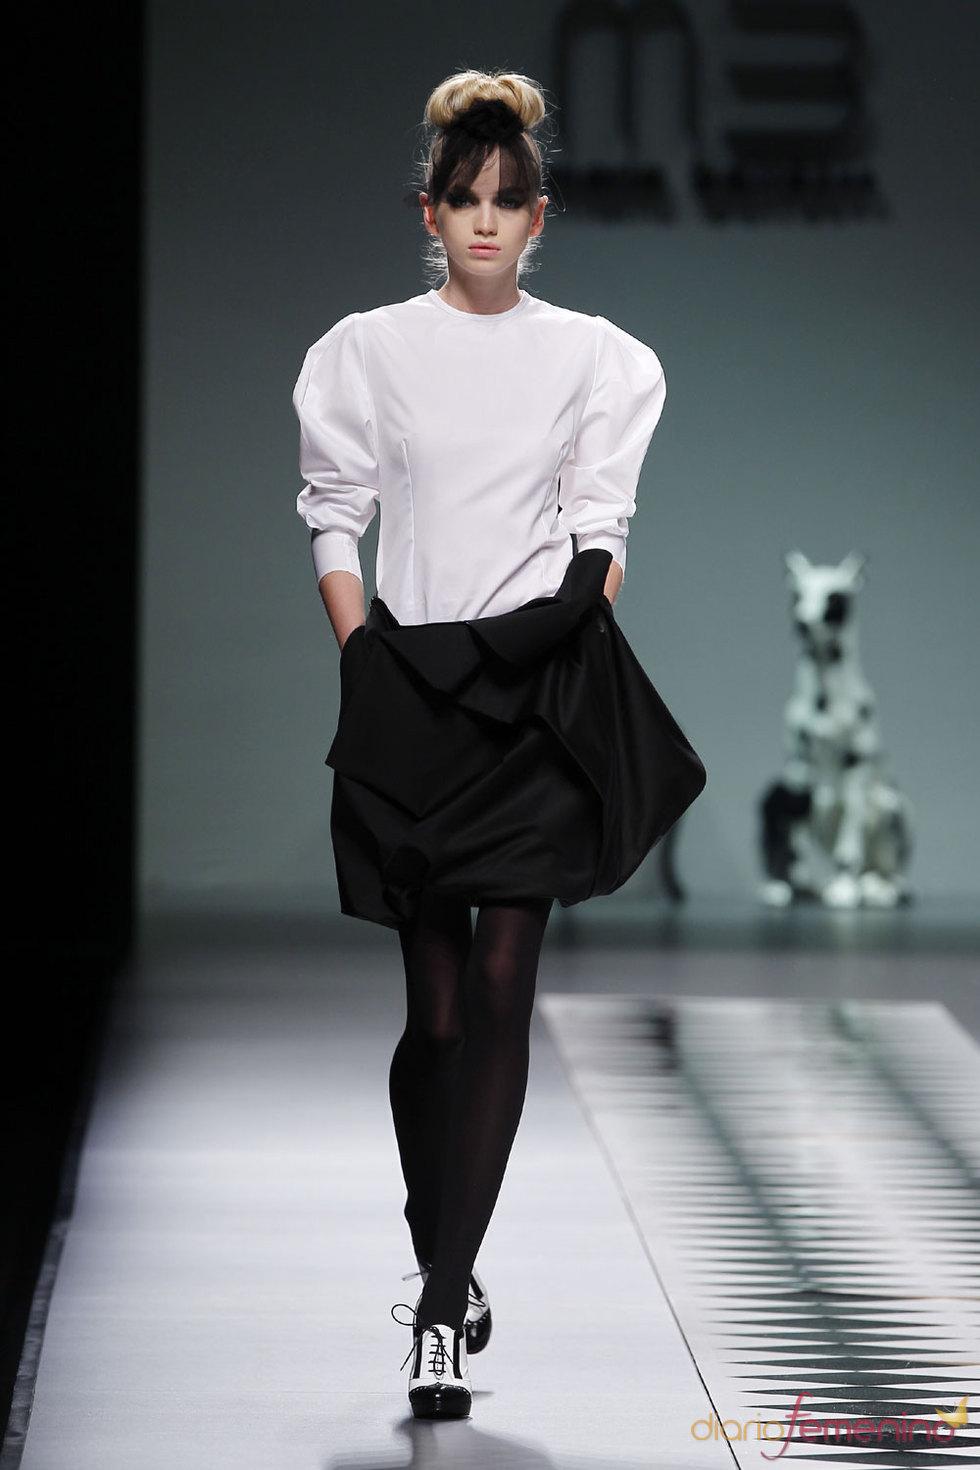 Moda Otoño Invierno en blanco y negro - María Barros